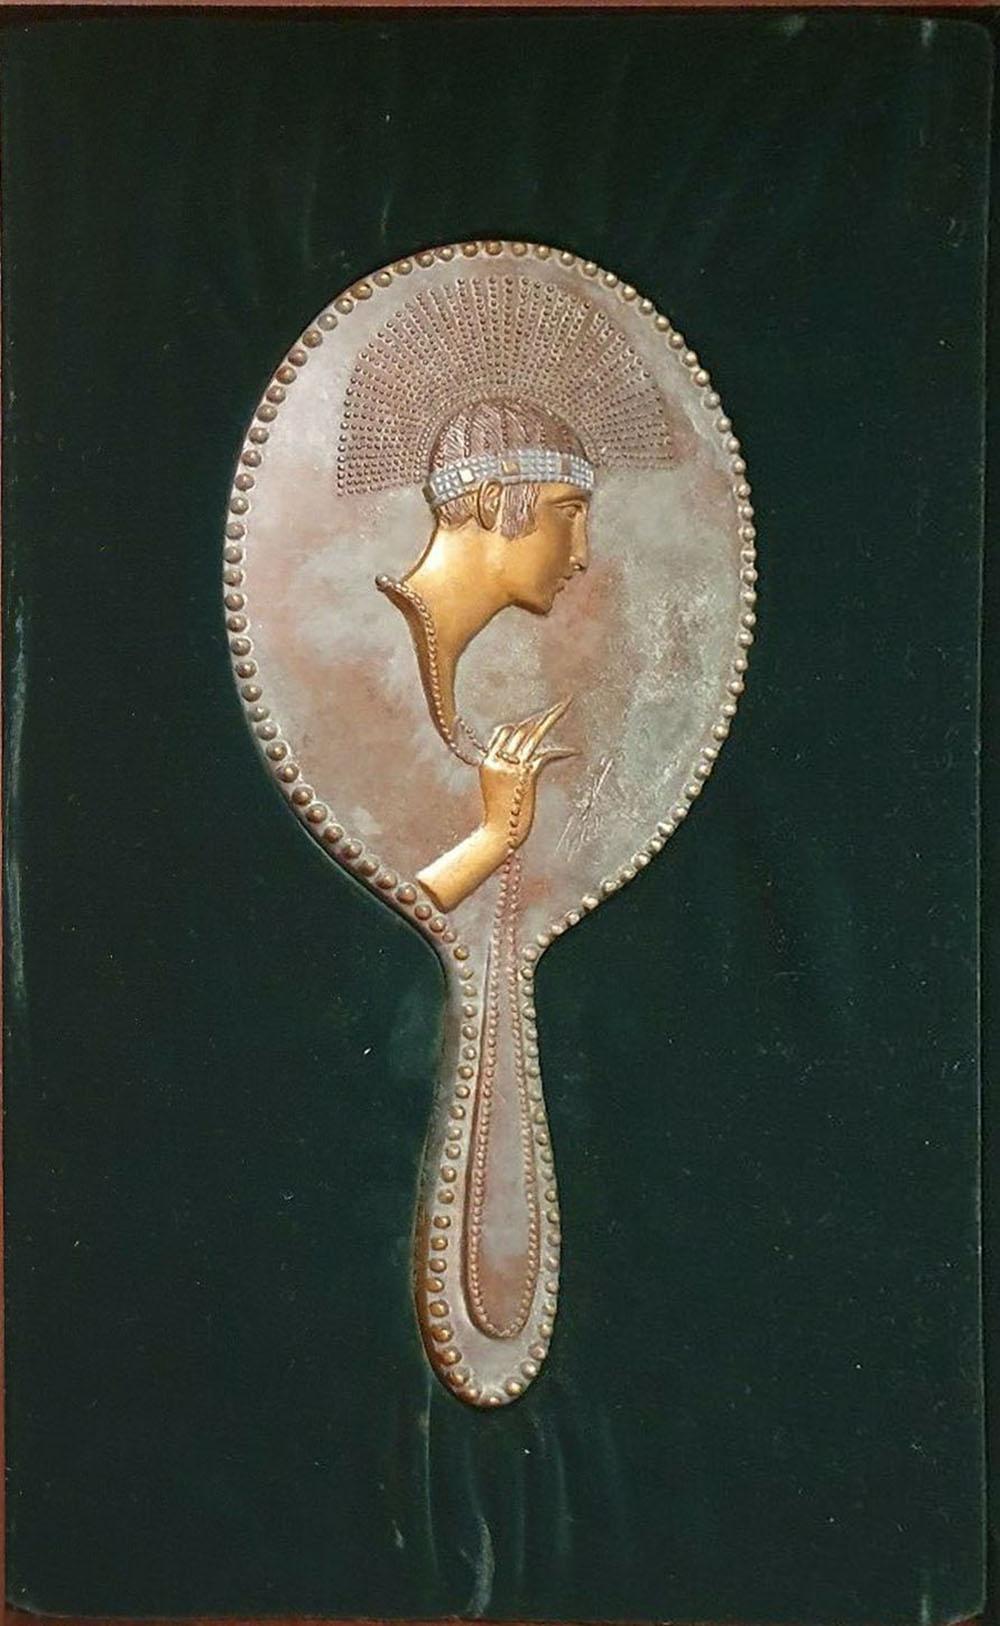 Erte - Pearls